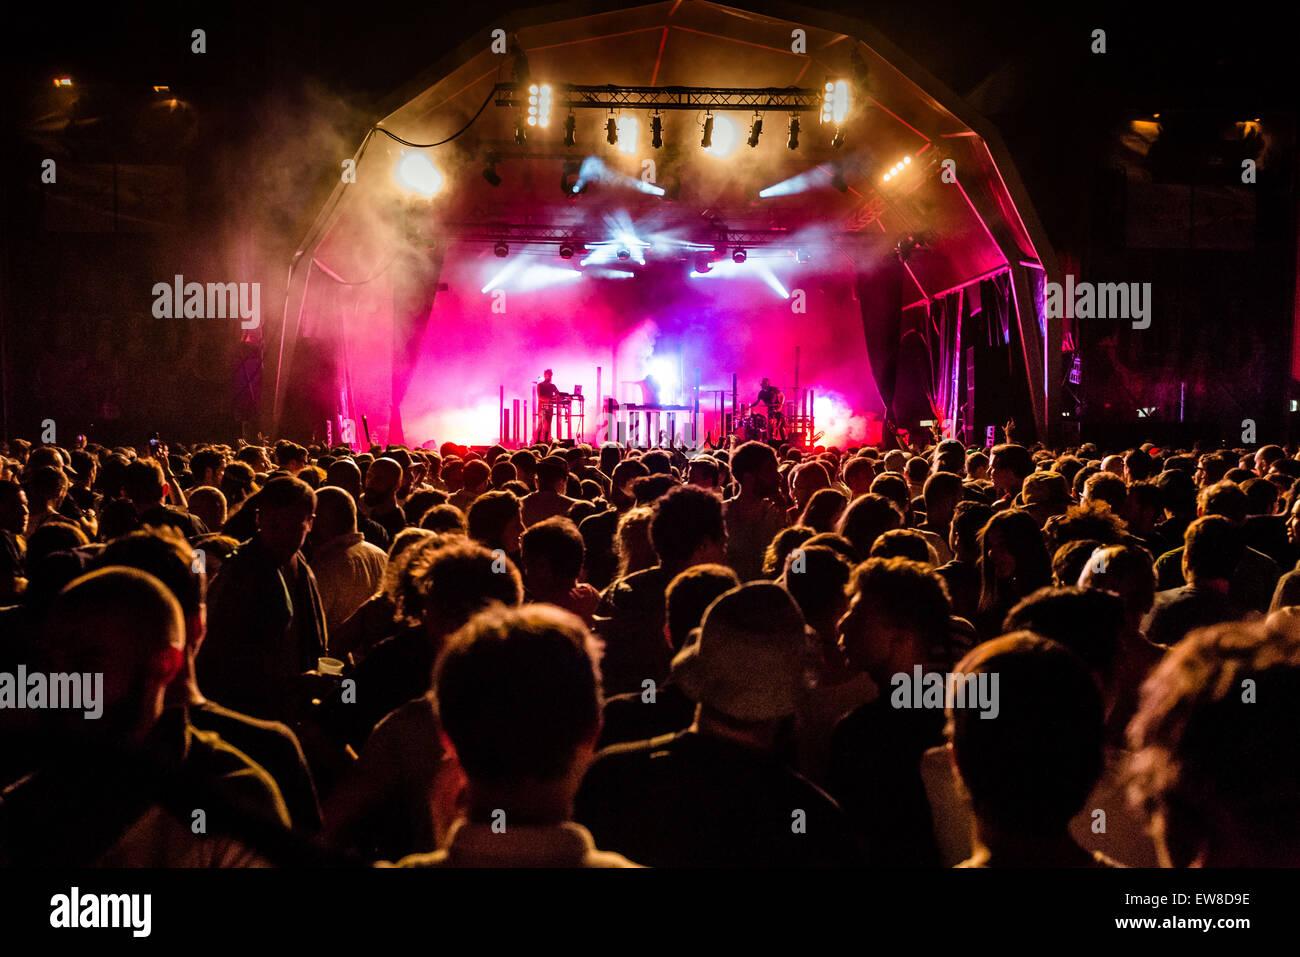 Barcelona, Cataluña, España. 20 de junio de 2015. Los asistentes al Festival se muevan con la música Imagen De Stock